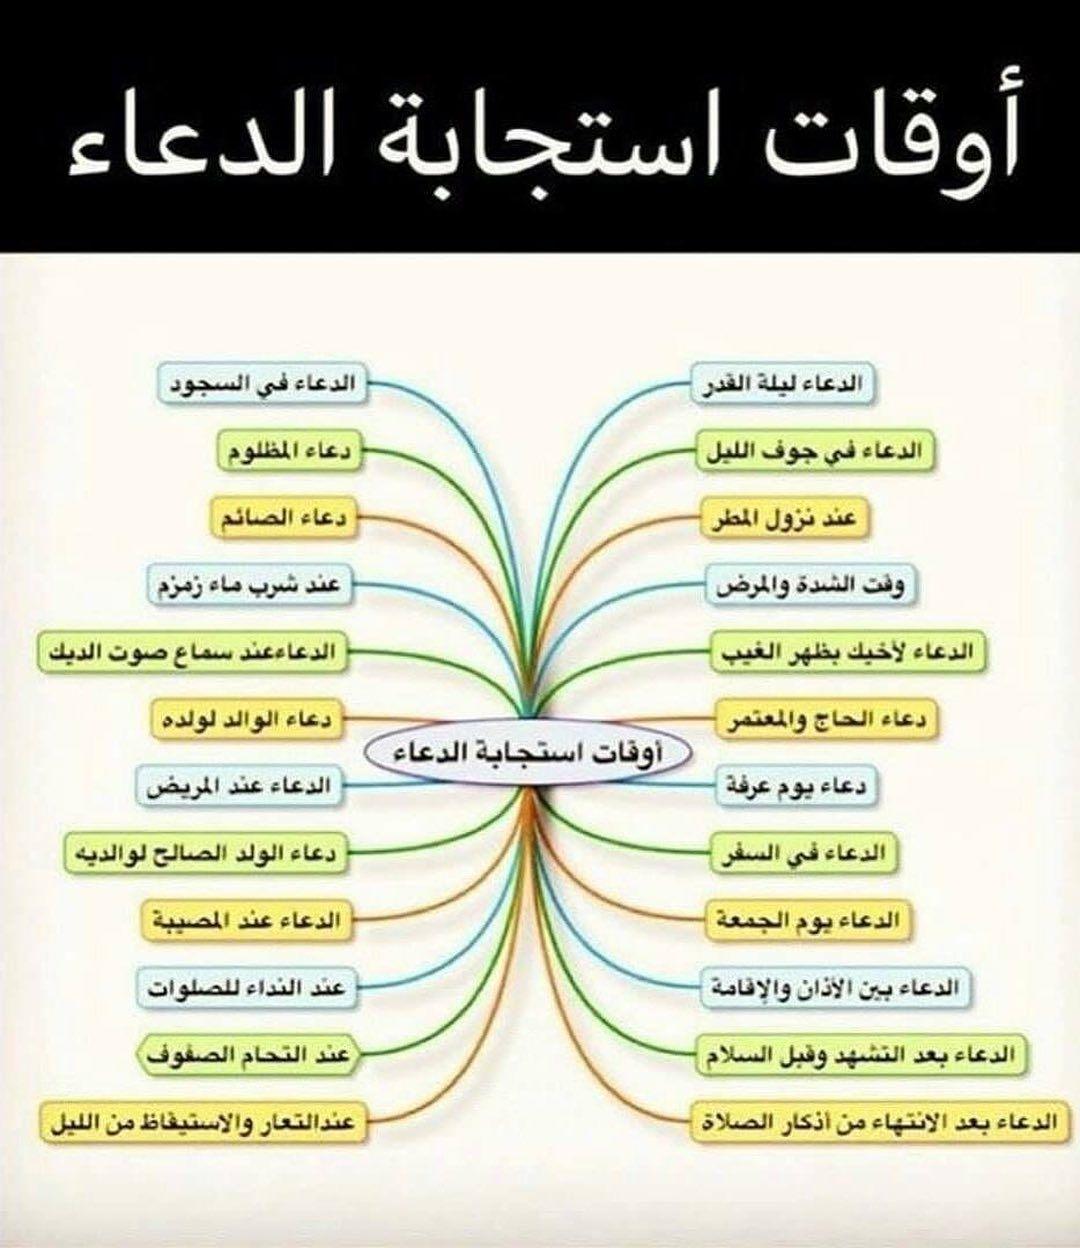 أوقات استجابة الدعــاء ゚ஃ In 2020 Islam Beliefs Islamic Inspirational Quotes Islamic Quotes Quran